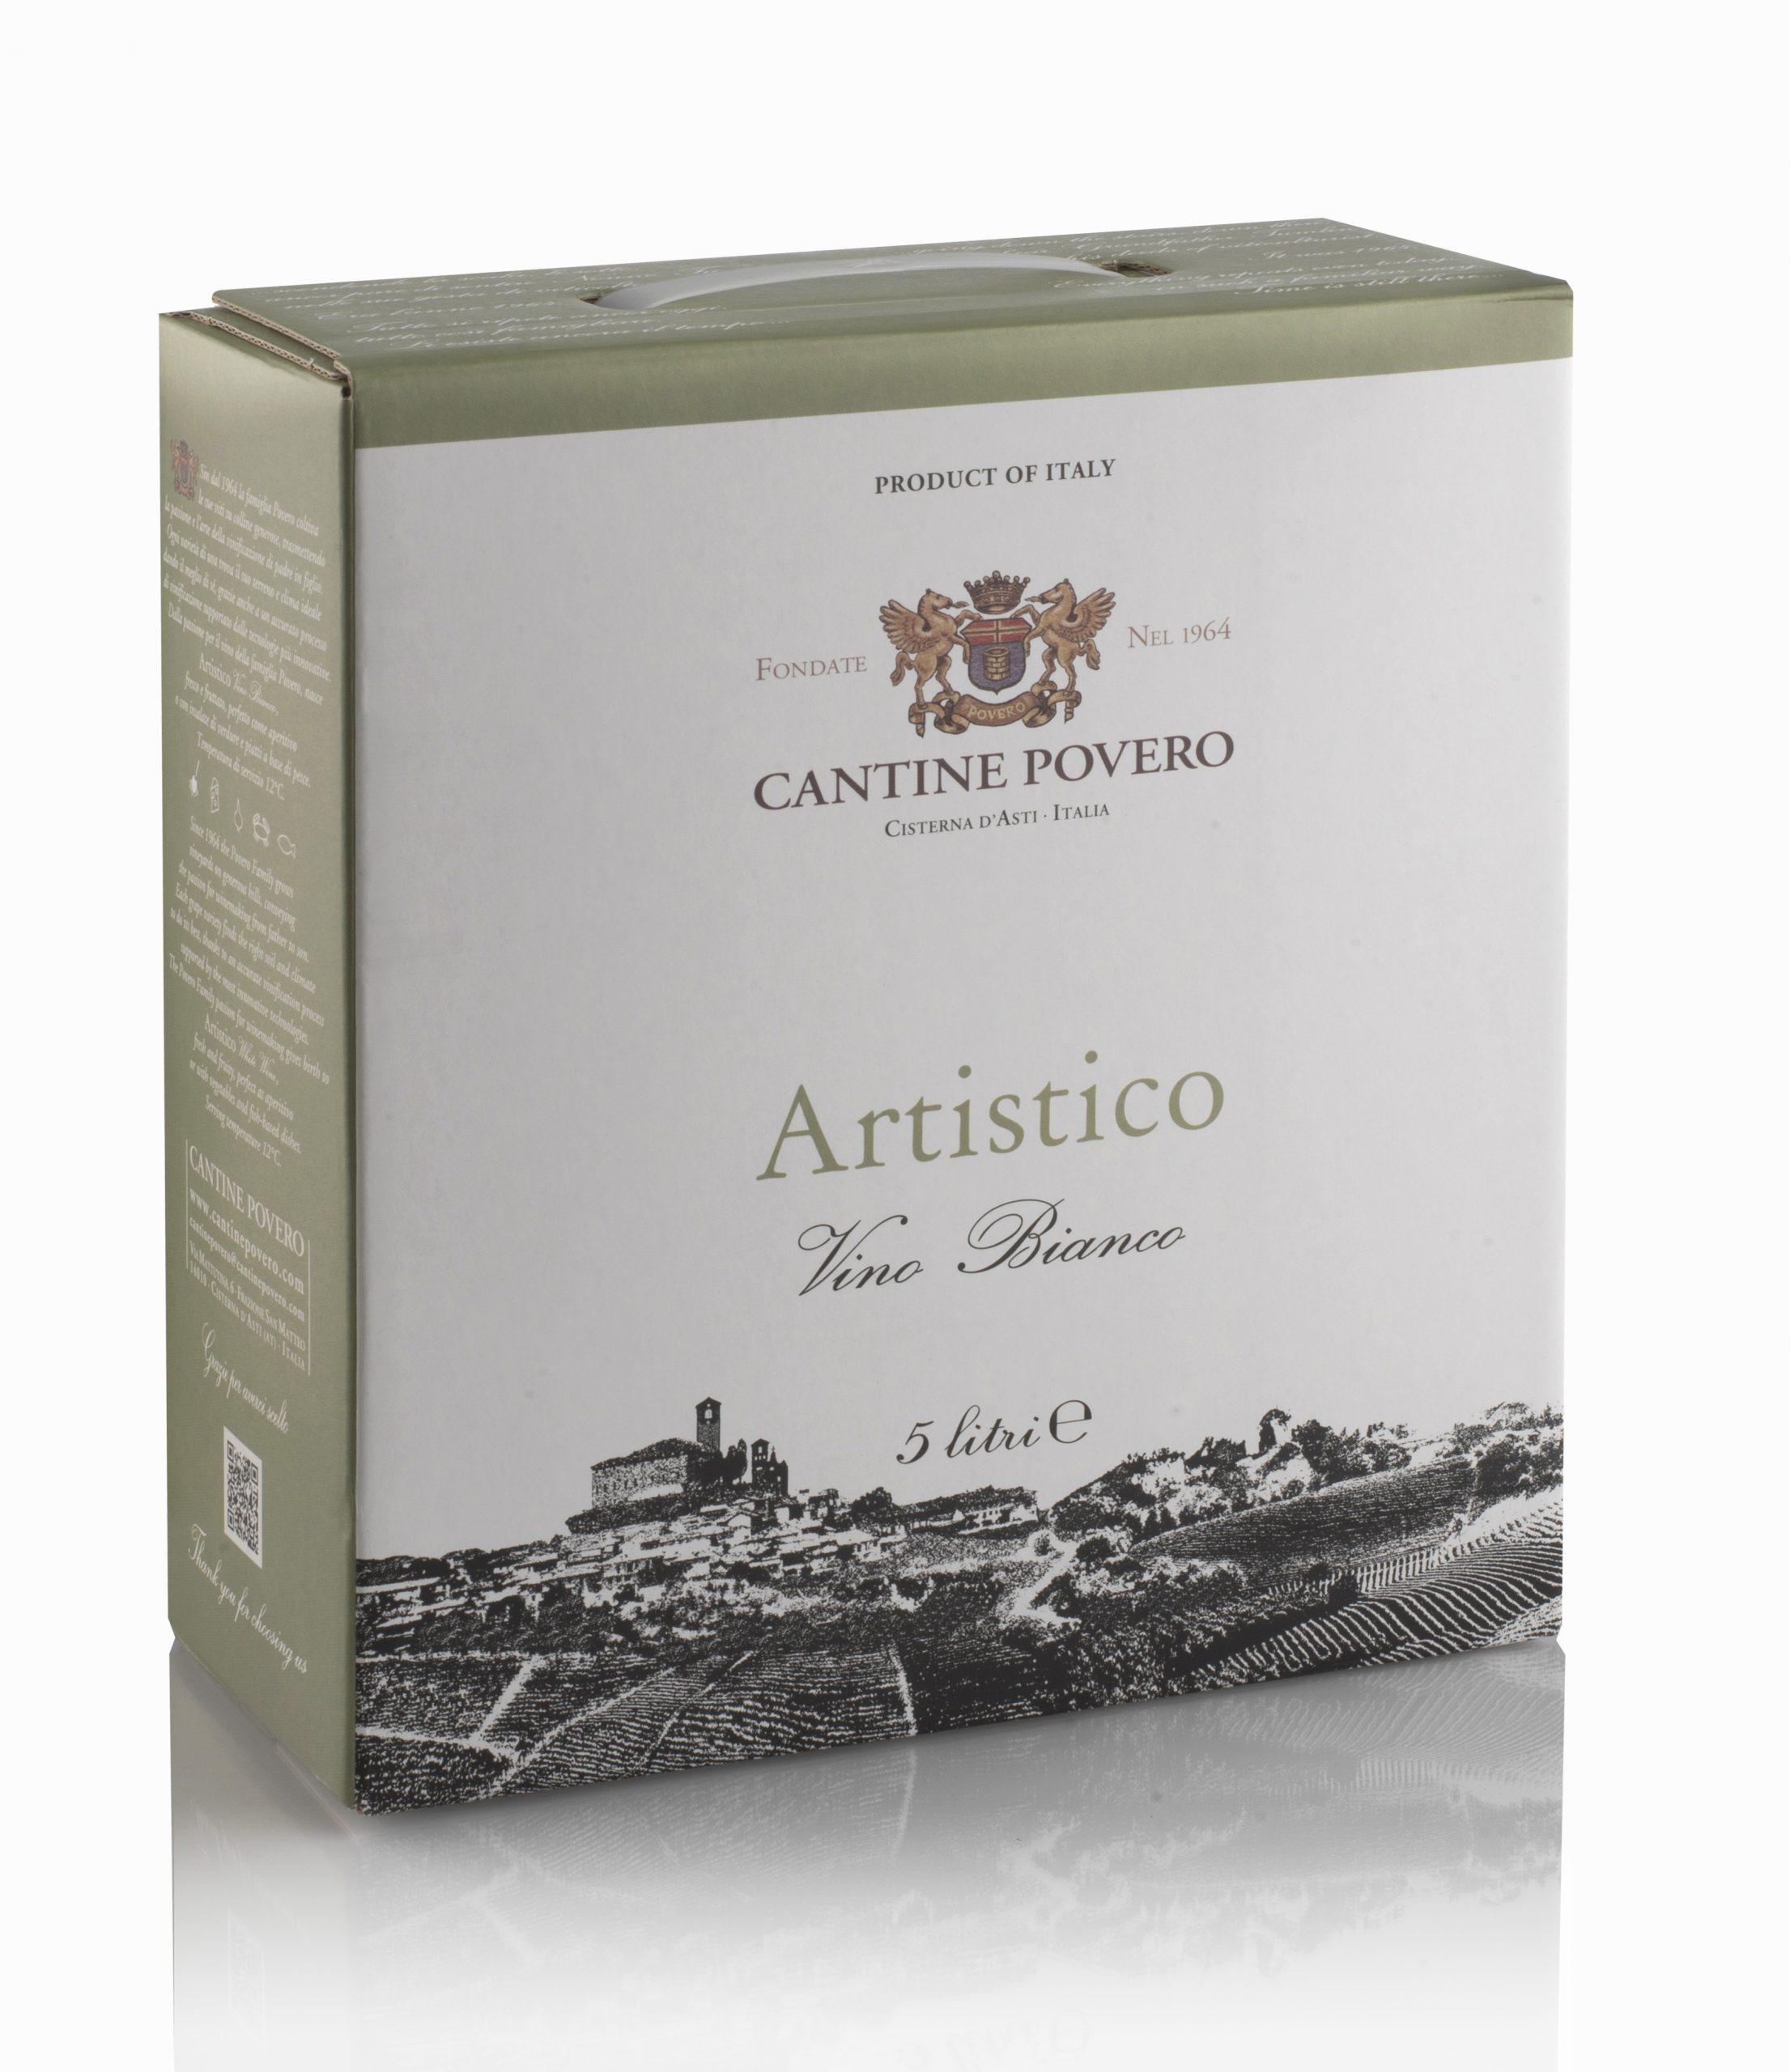 Artistico Vino Bianco 12,5% 5LT